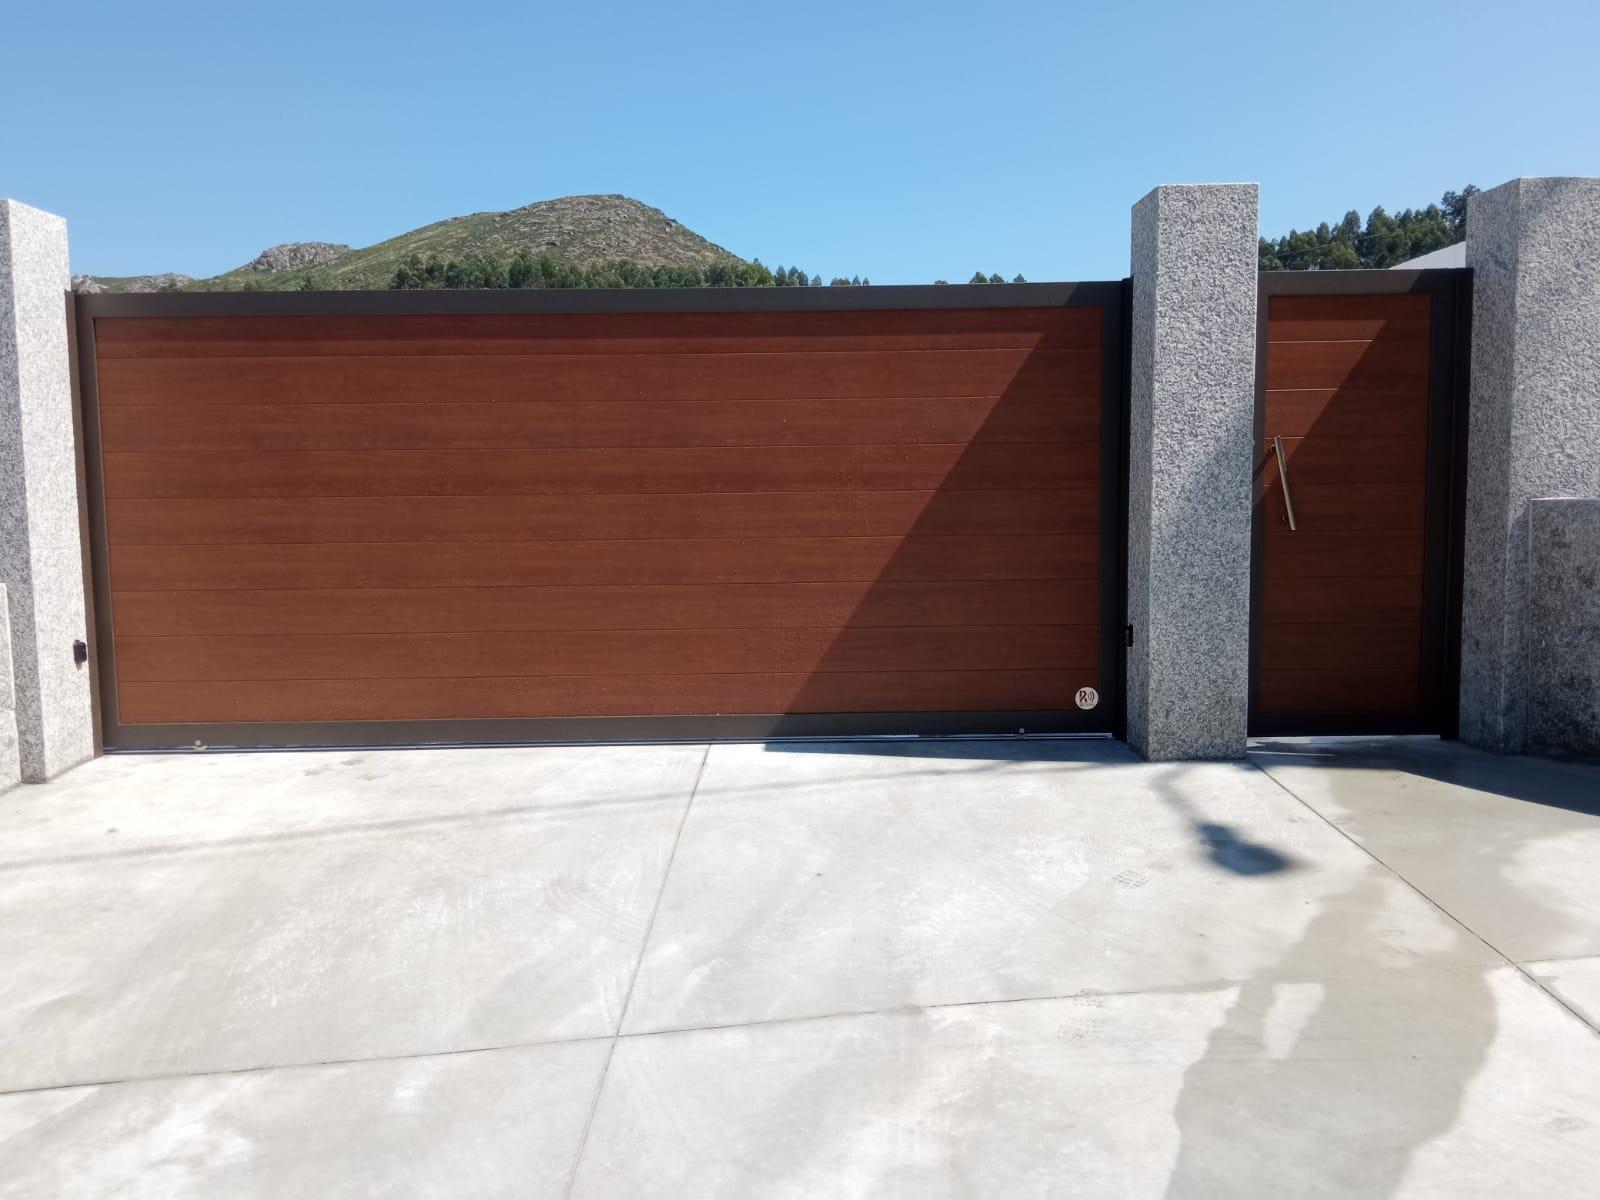 Portales de aluminio soldado imitación madera